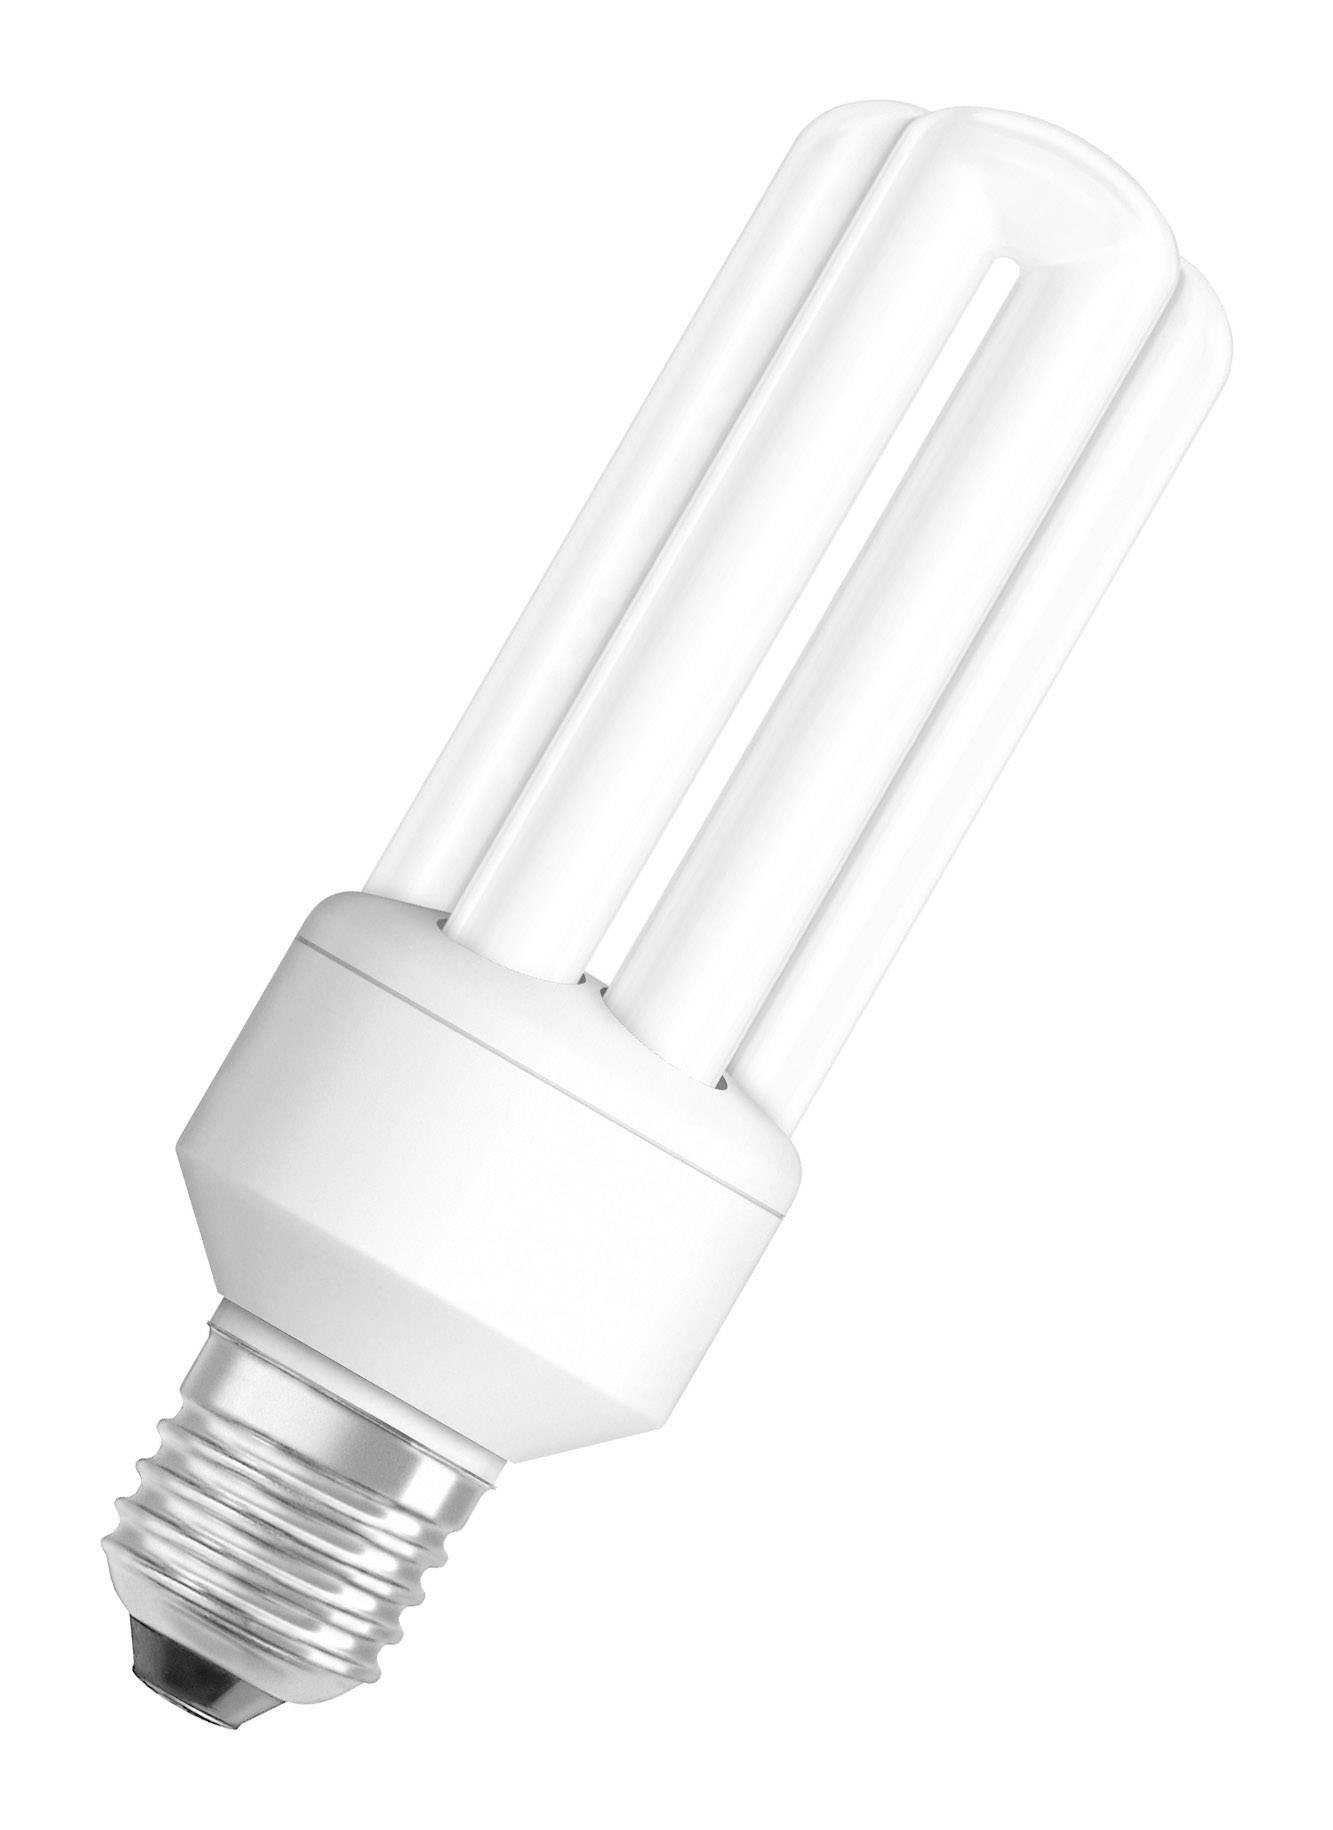 Úsporná žiarovka rúrková Osram Star E27, 15 W, teplá biela